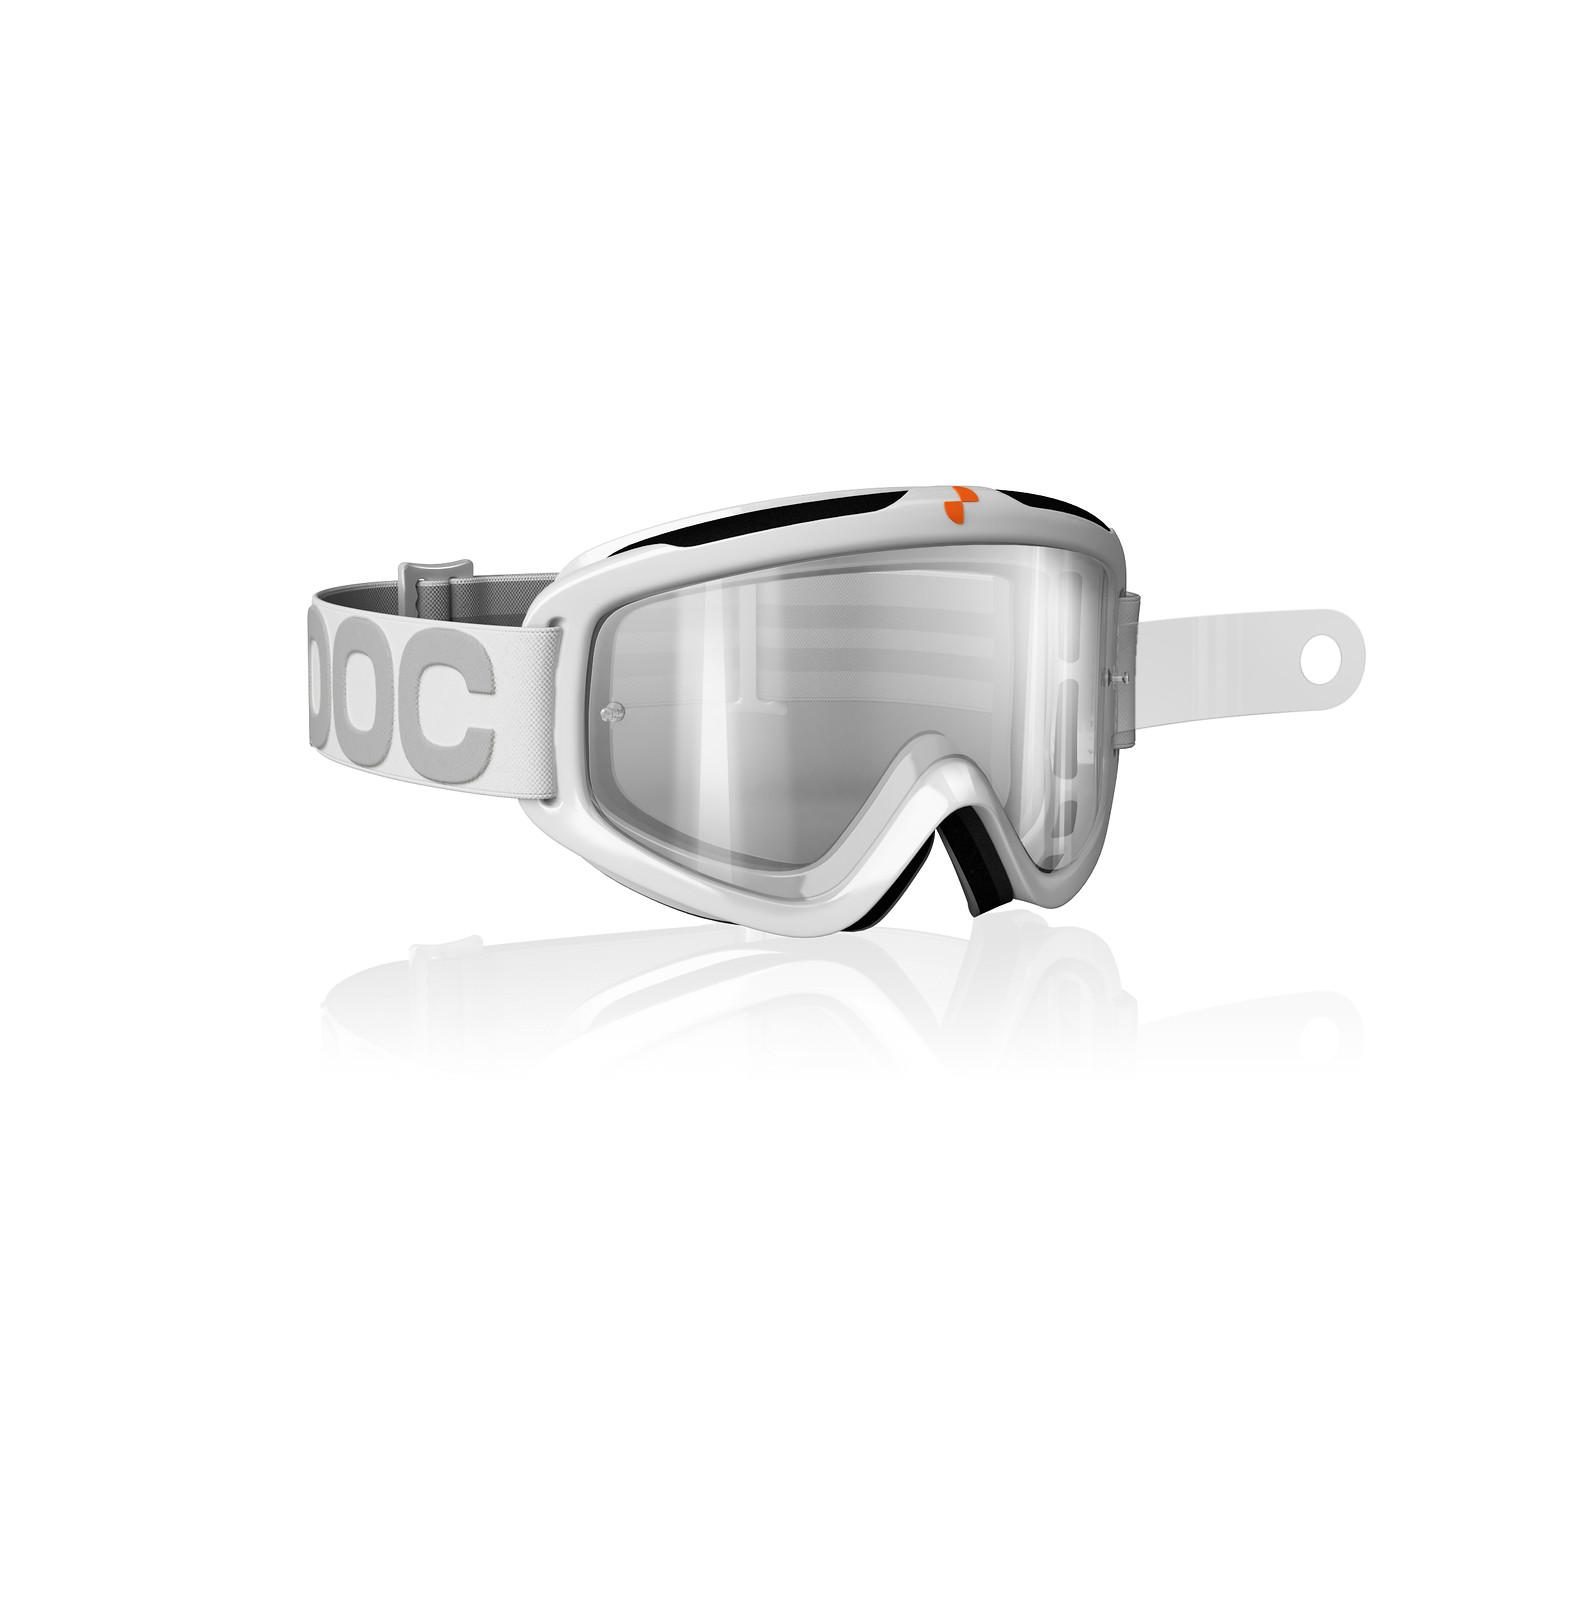 POC Iris DH Goggles  Iris_DH_white_01